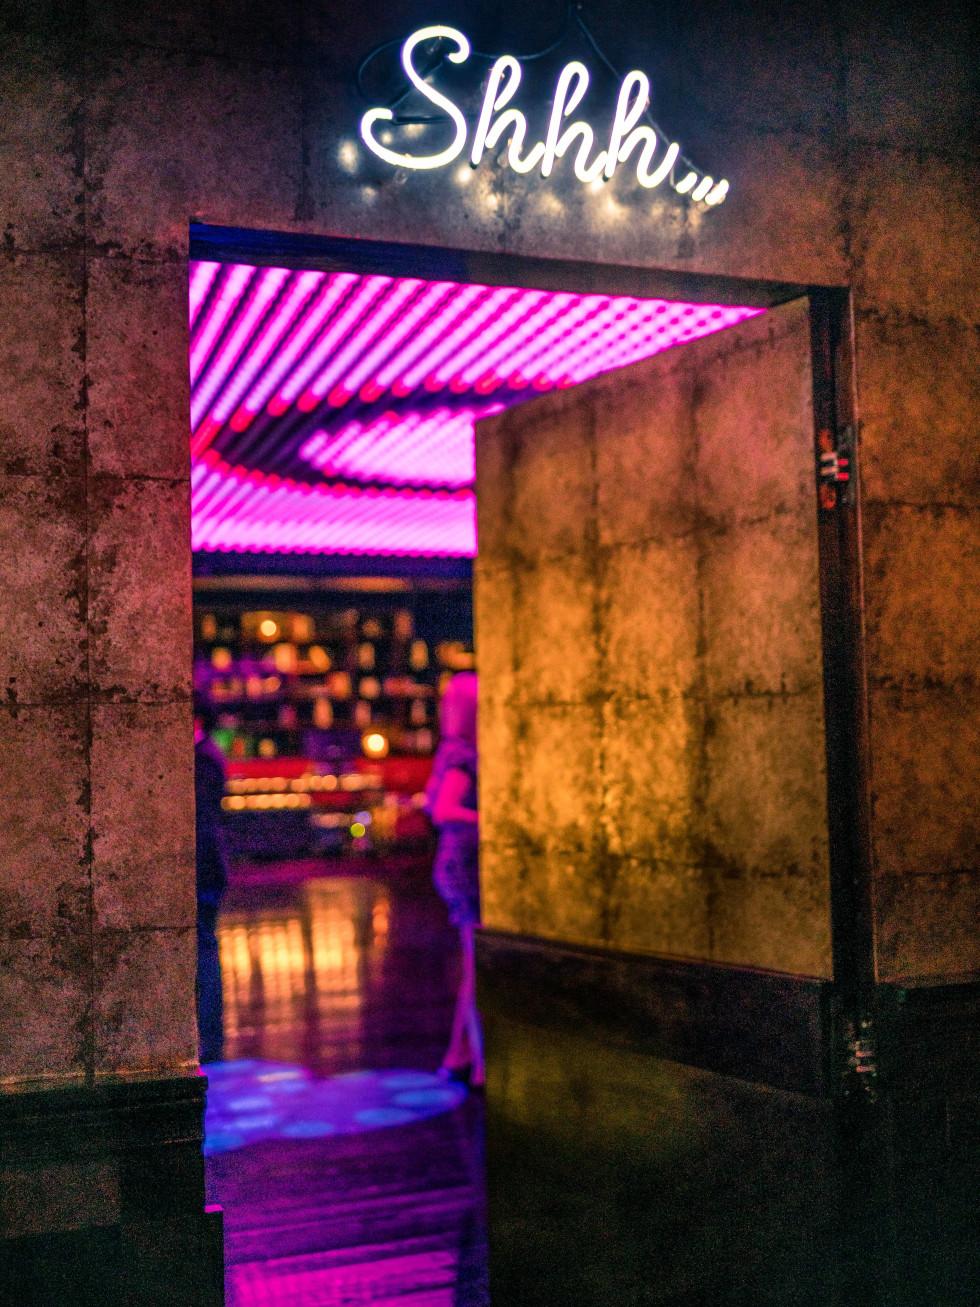 Base nightclub entrance